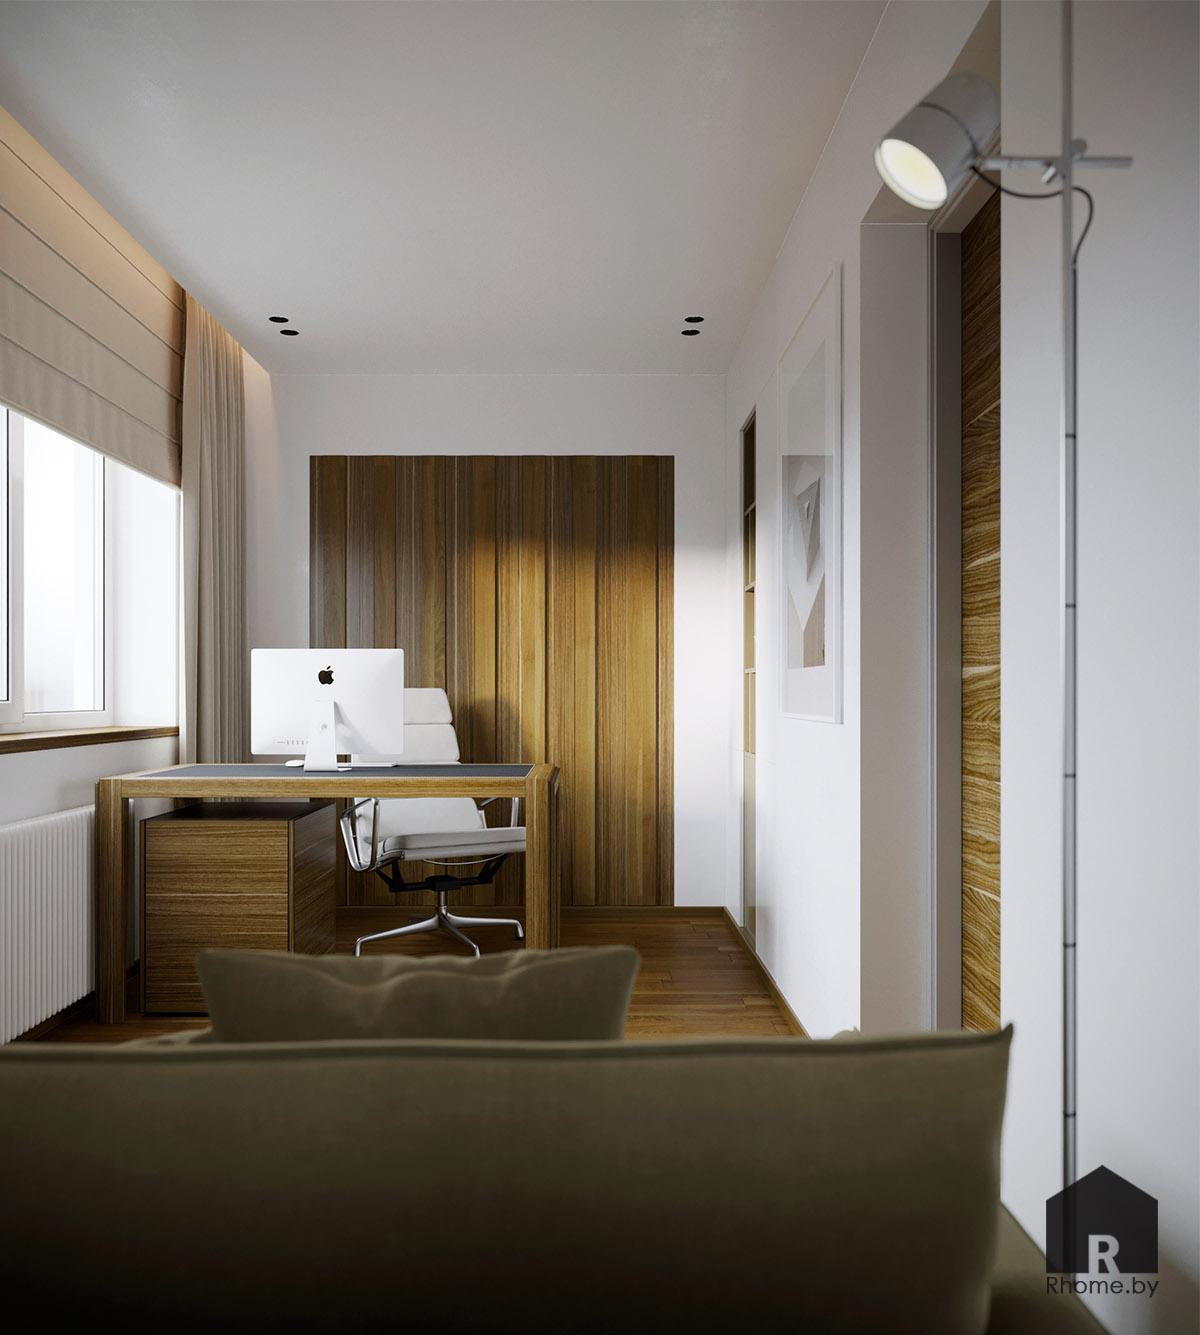 Дизайн интерьера кабинета в Березовой роще | Дизайн студия – Rhome.by